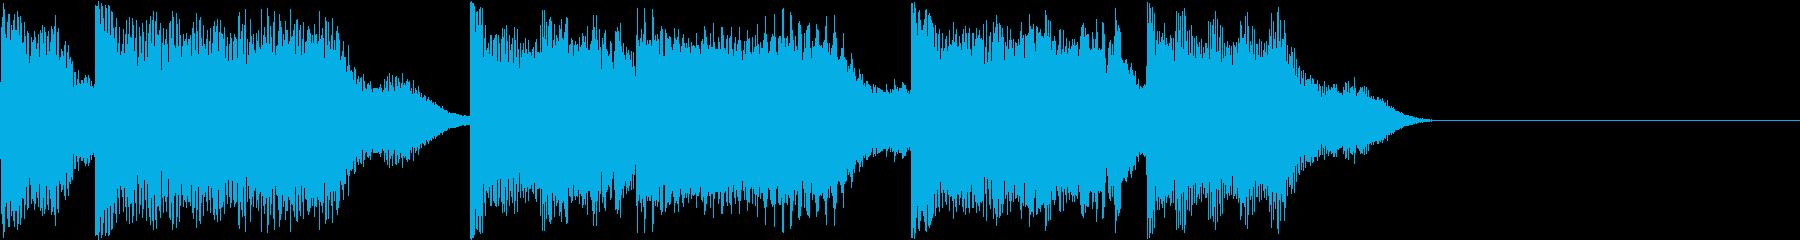 AI メカ/ロボ/マシン動作音 8の再生済みの波形